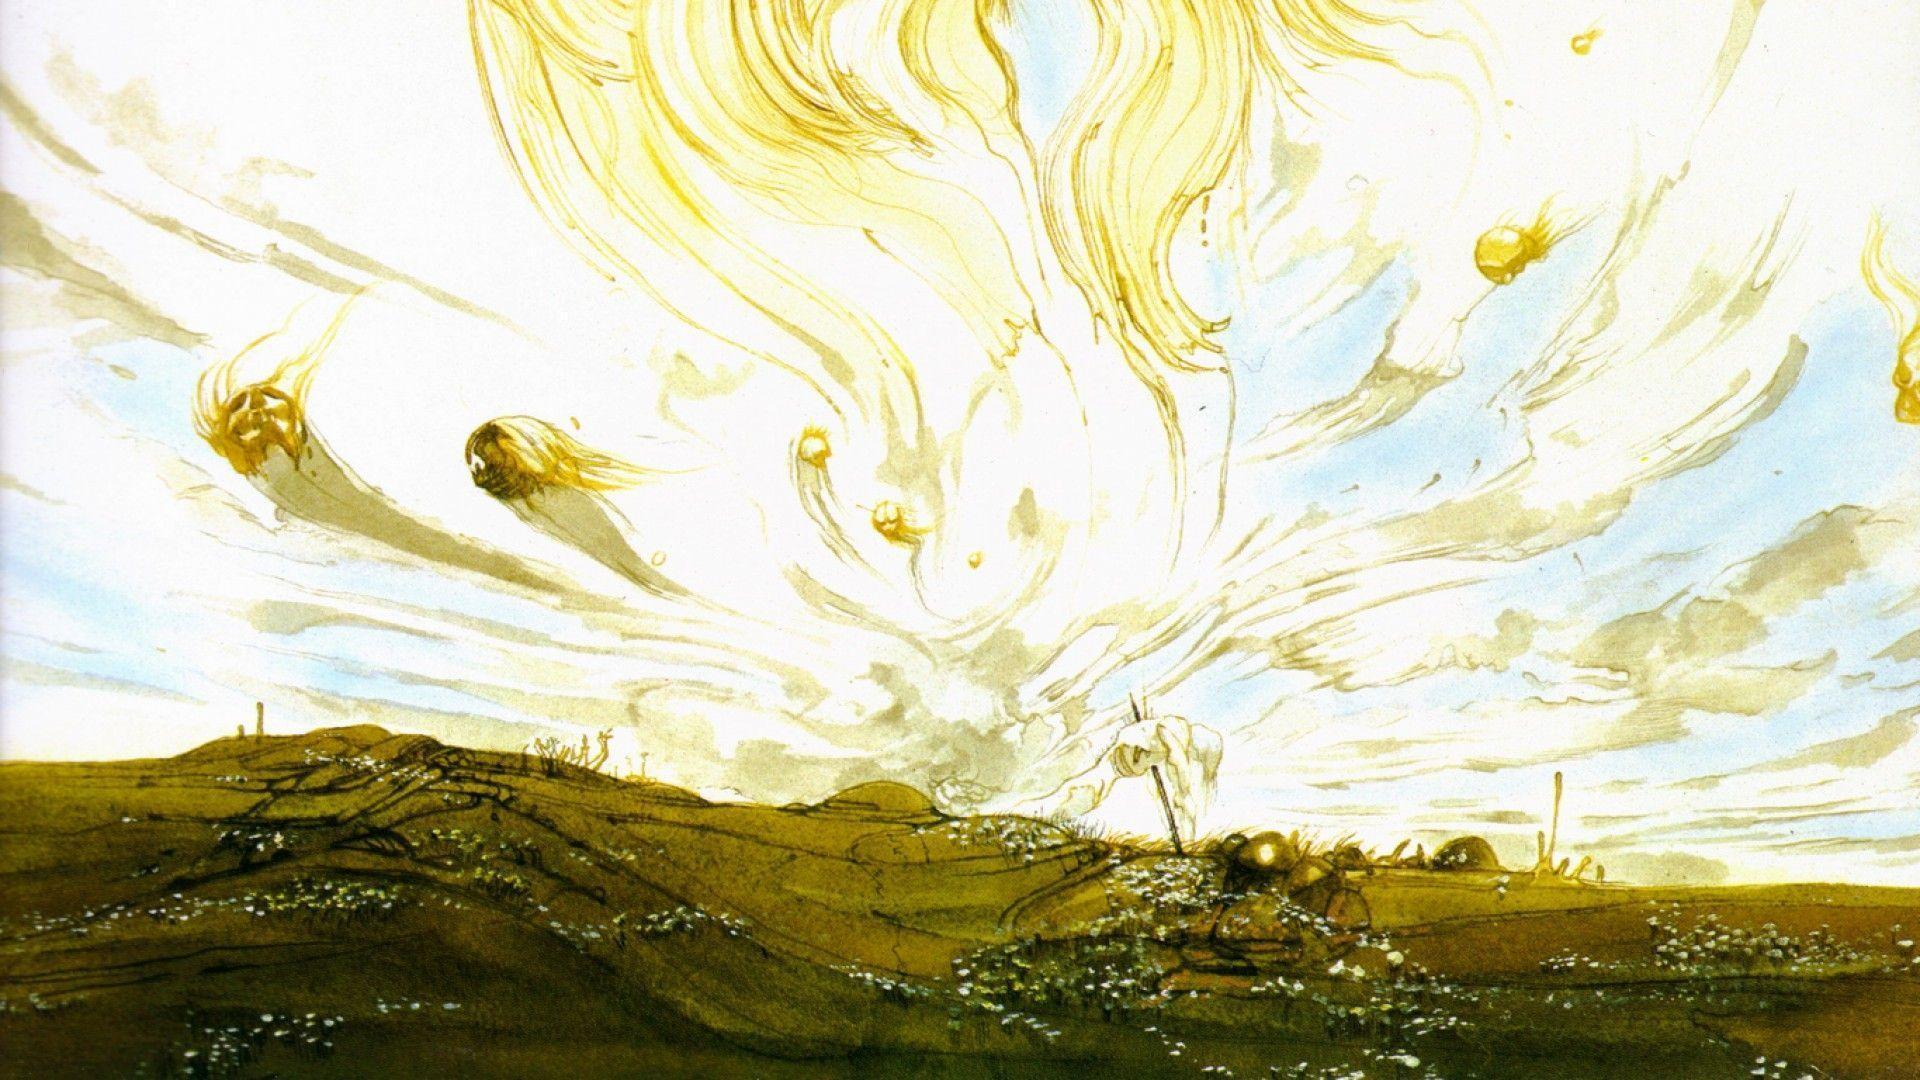 Attractive Final Fantasy Wall Art Frieze - All About Wallart ...